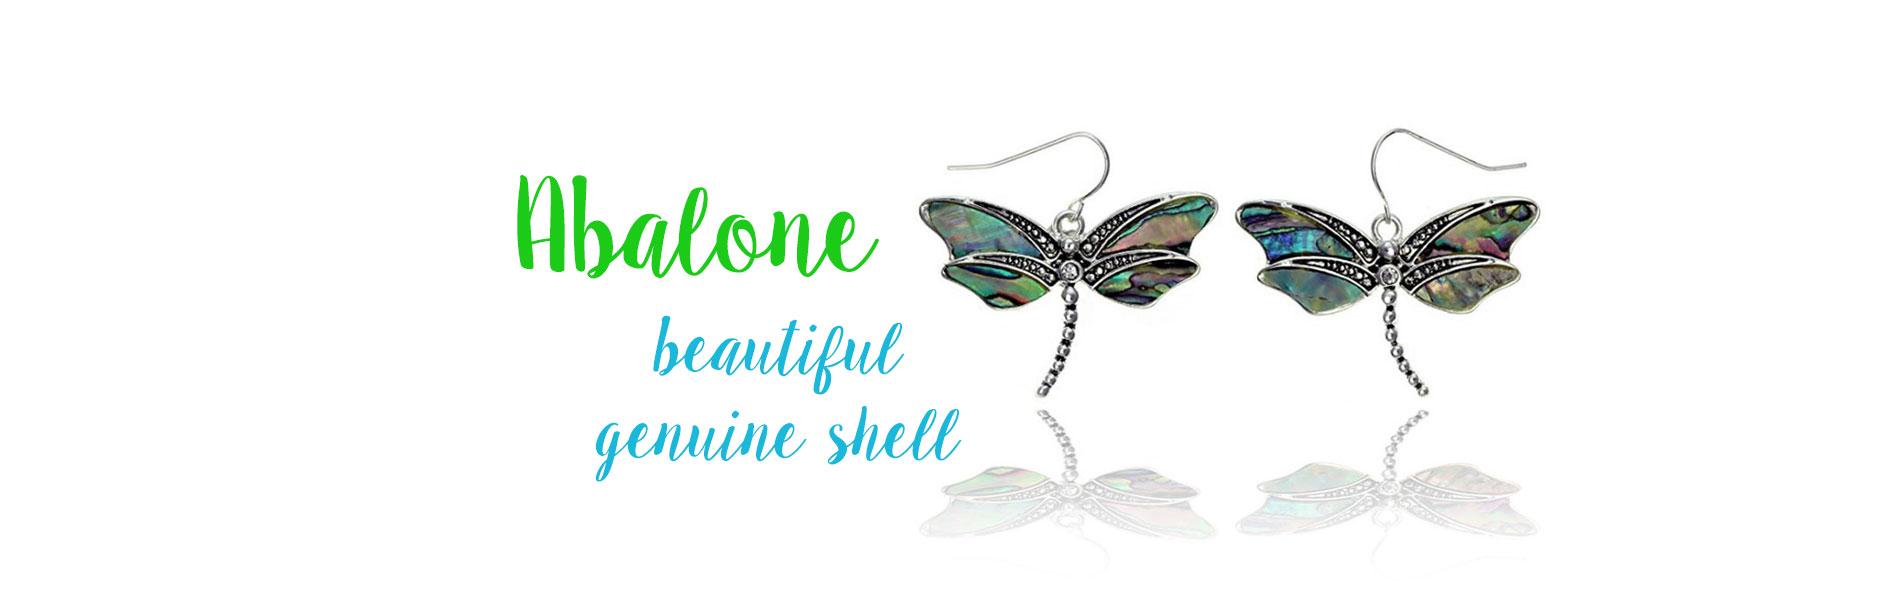 Abalone jewelry